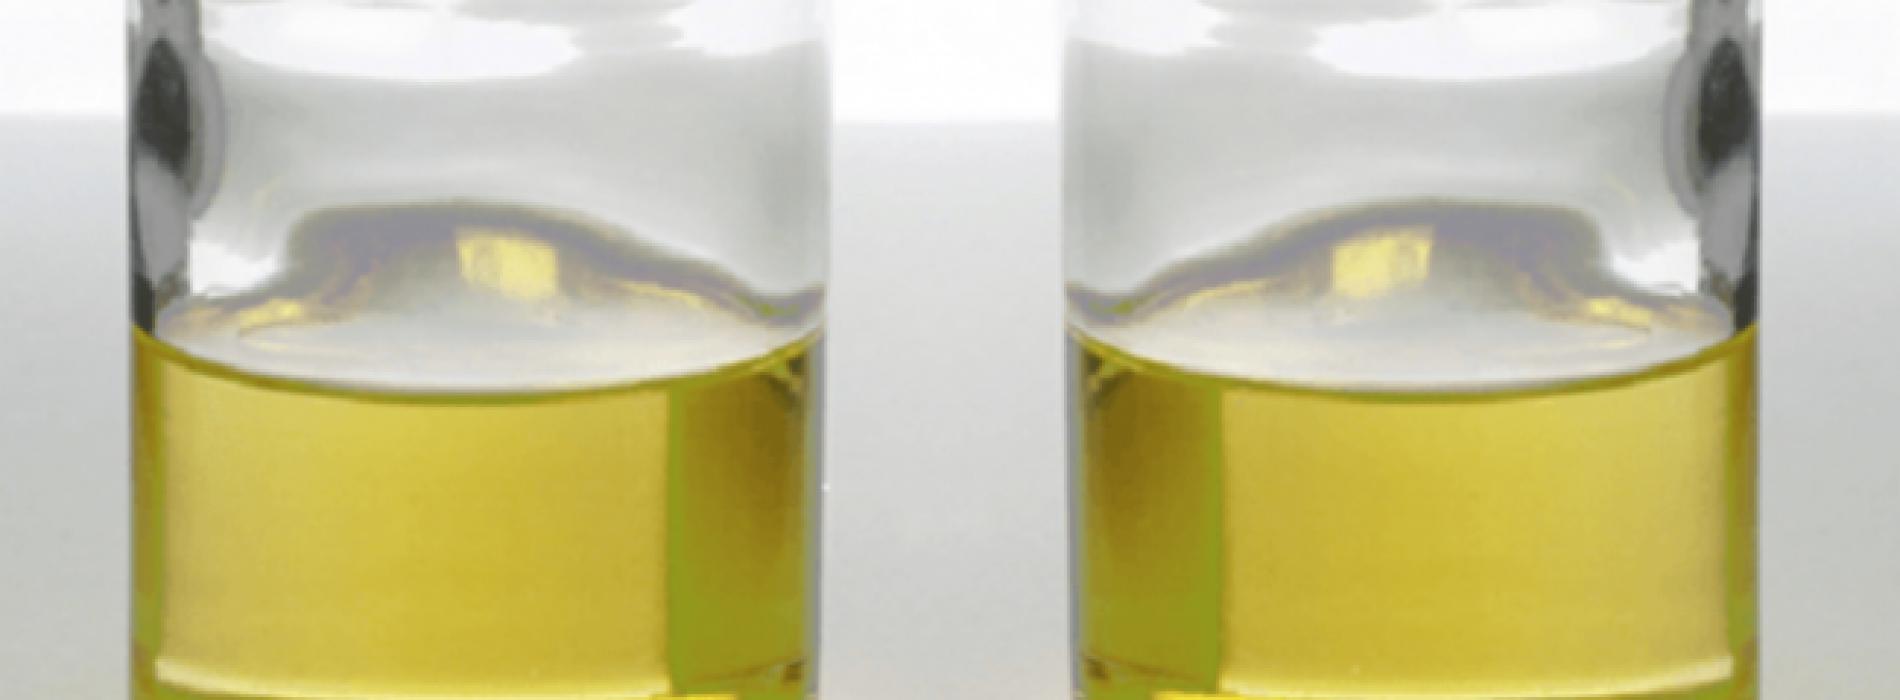 Zwarte Peper Olie: verwijdert urinezuur, vermindert angst, verlangen naar sigaretten en artritis